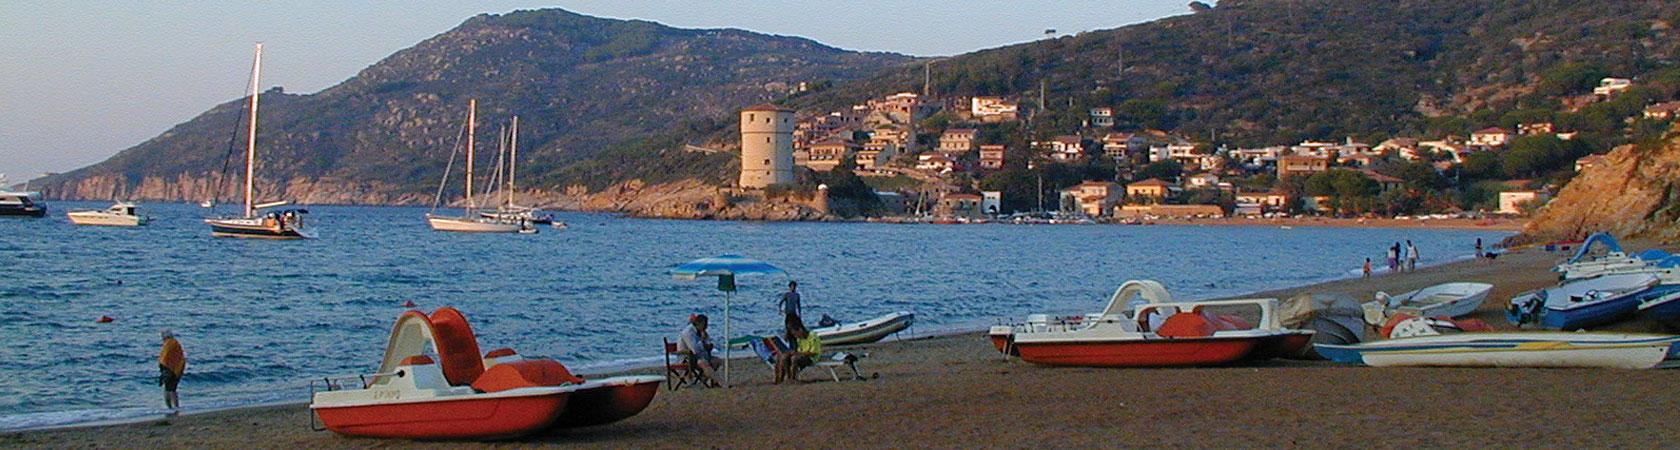 Marina del Giglio - La spiaggia dell\'isola